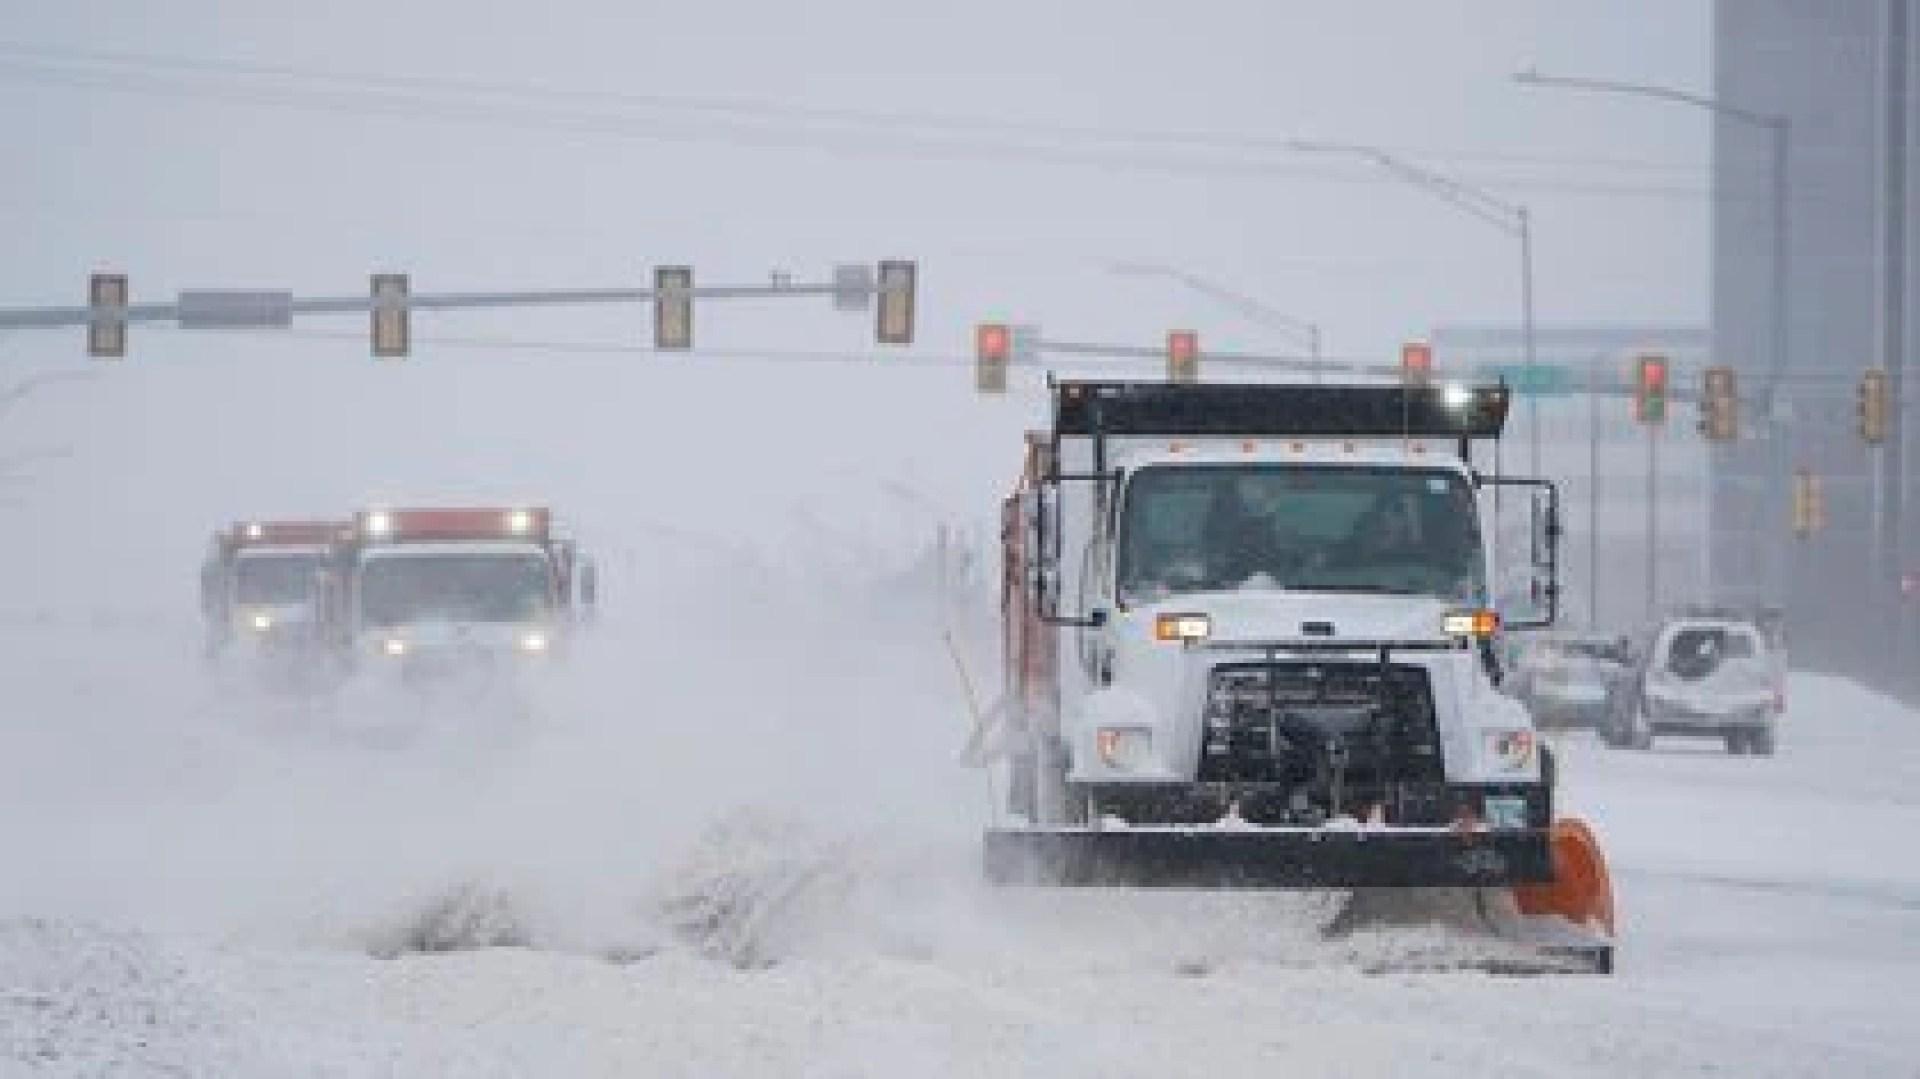 La ola de frío azota a buena parte de EEUU (AP Photo/Sue Ogrocki)